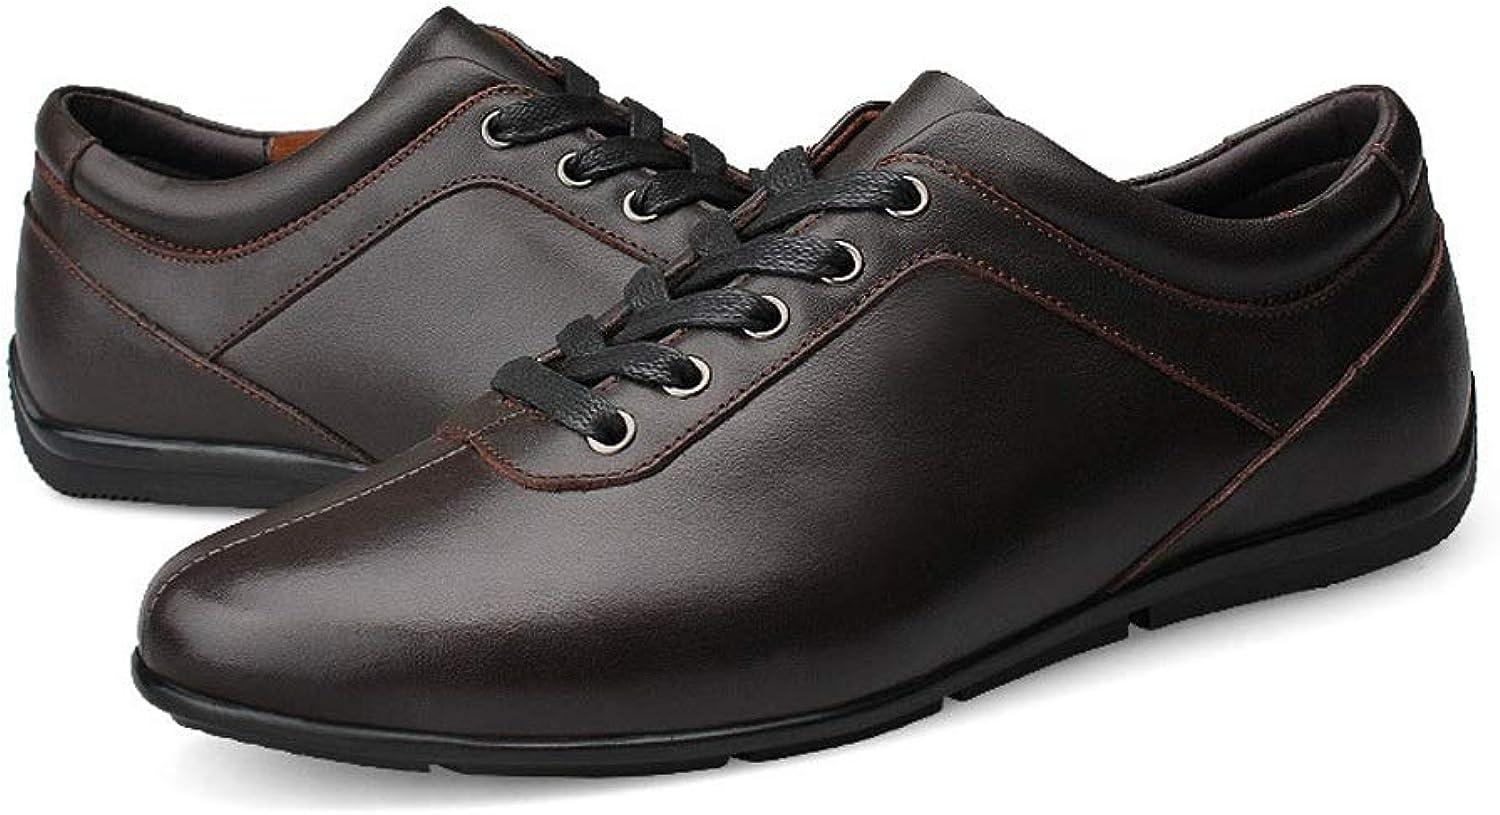 CATEDOT Herren Oxford Schuhe Leder Cap Toe Klassische Formale Business Dress Schuhe für Männer (Farbe   braun, Größe   47EU)  | Langfristiger Ruf